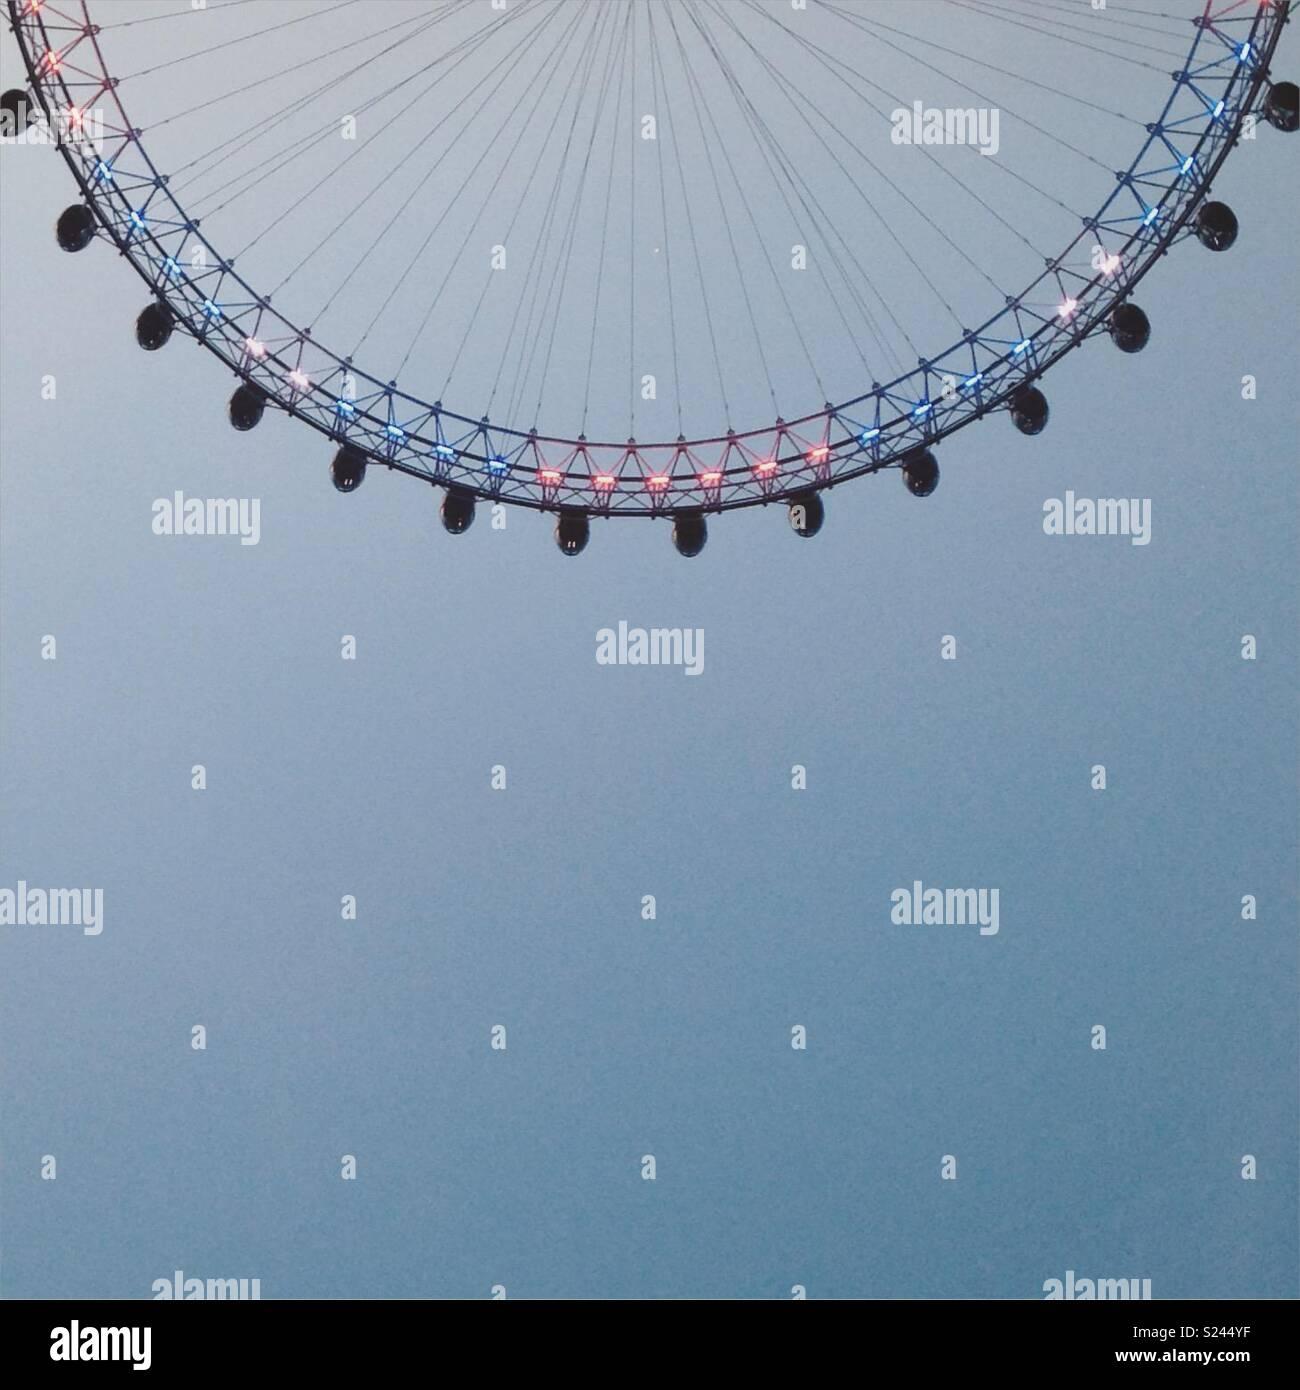 London Eye (roda gigante de cabeça para baixo - uma invulgar imagem de um Landmark London Imagens de Stock